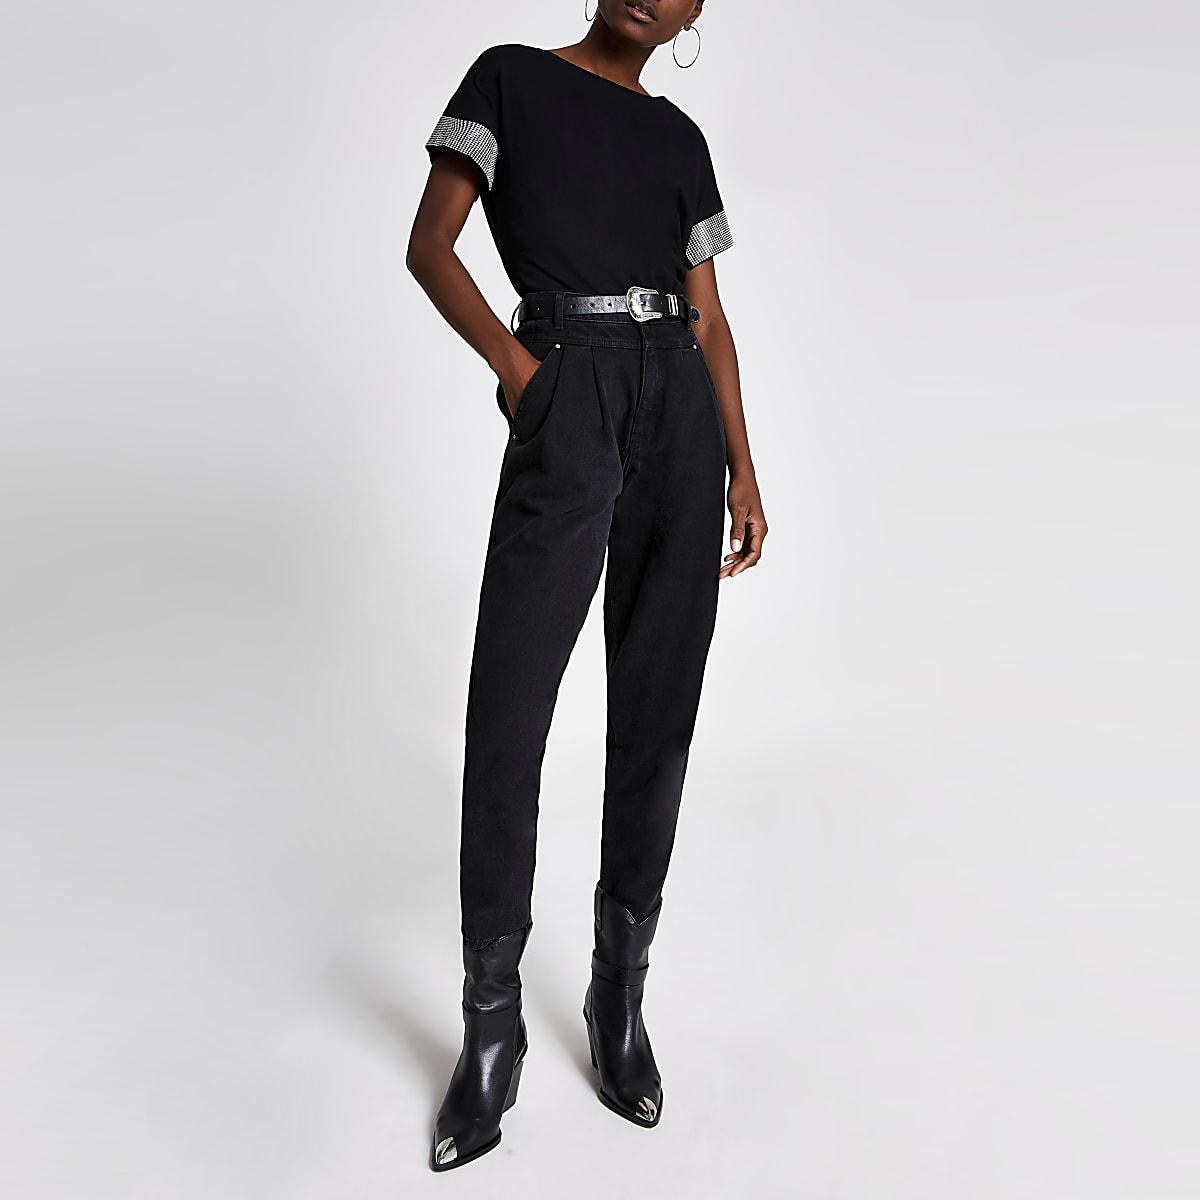 Zwart T-shirt met korte mouwen met sierrand